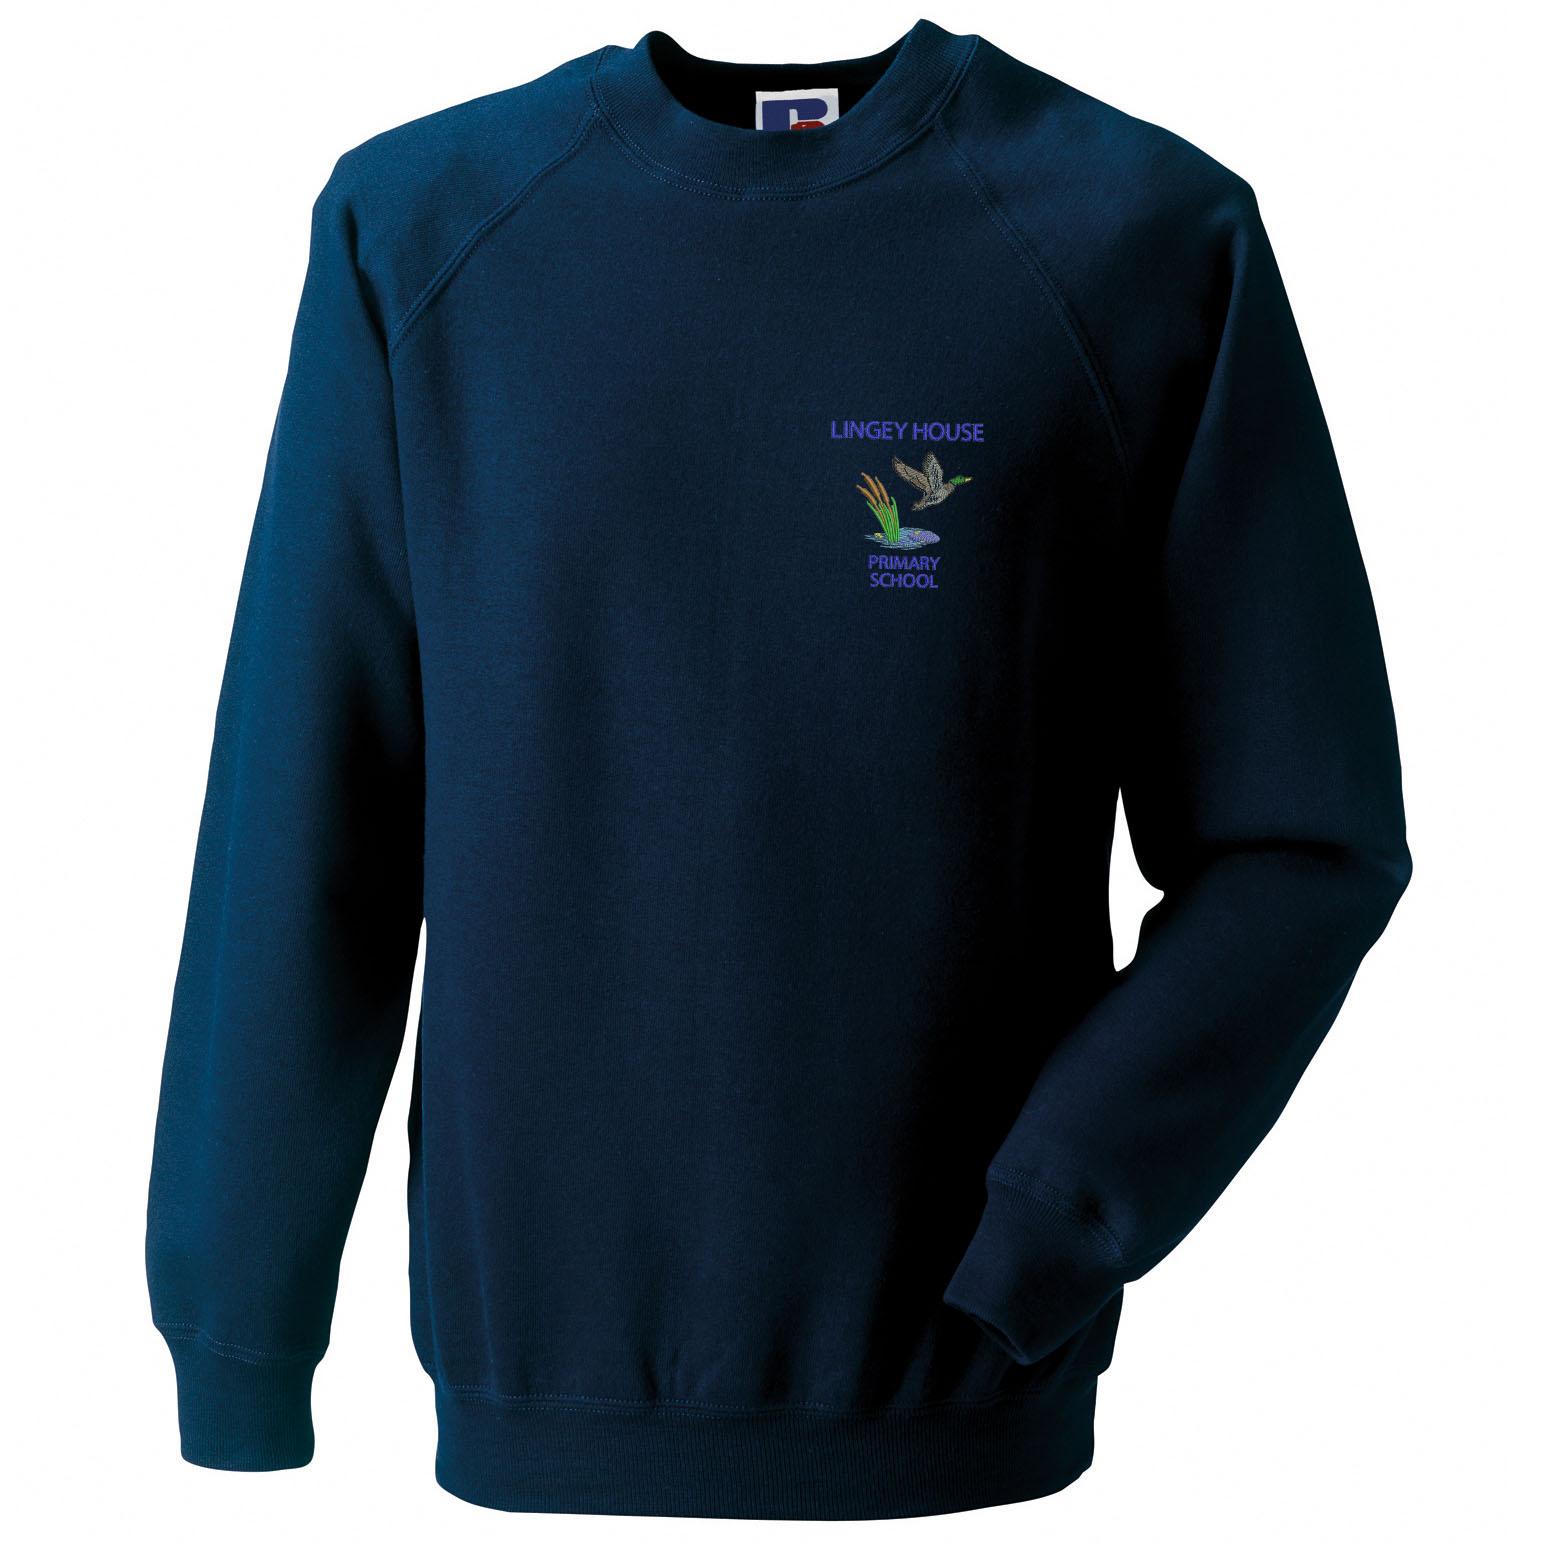 Lingey House Sweatshirt